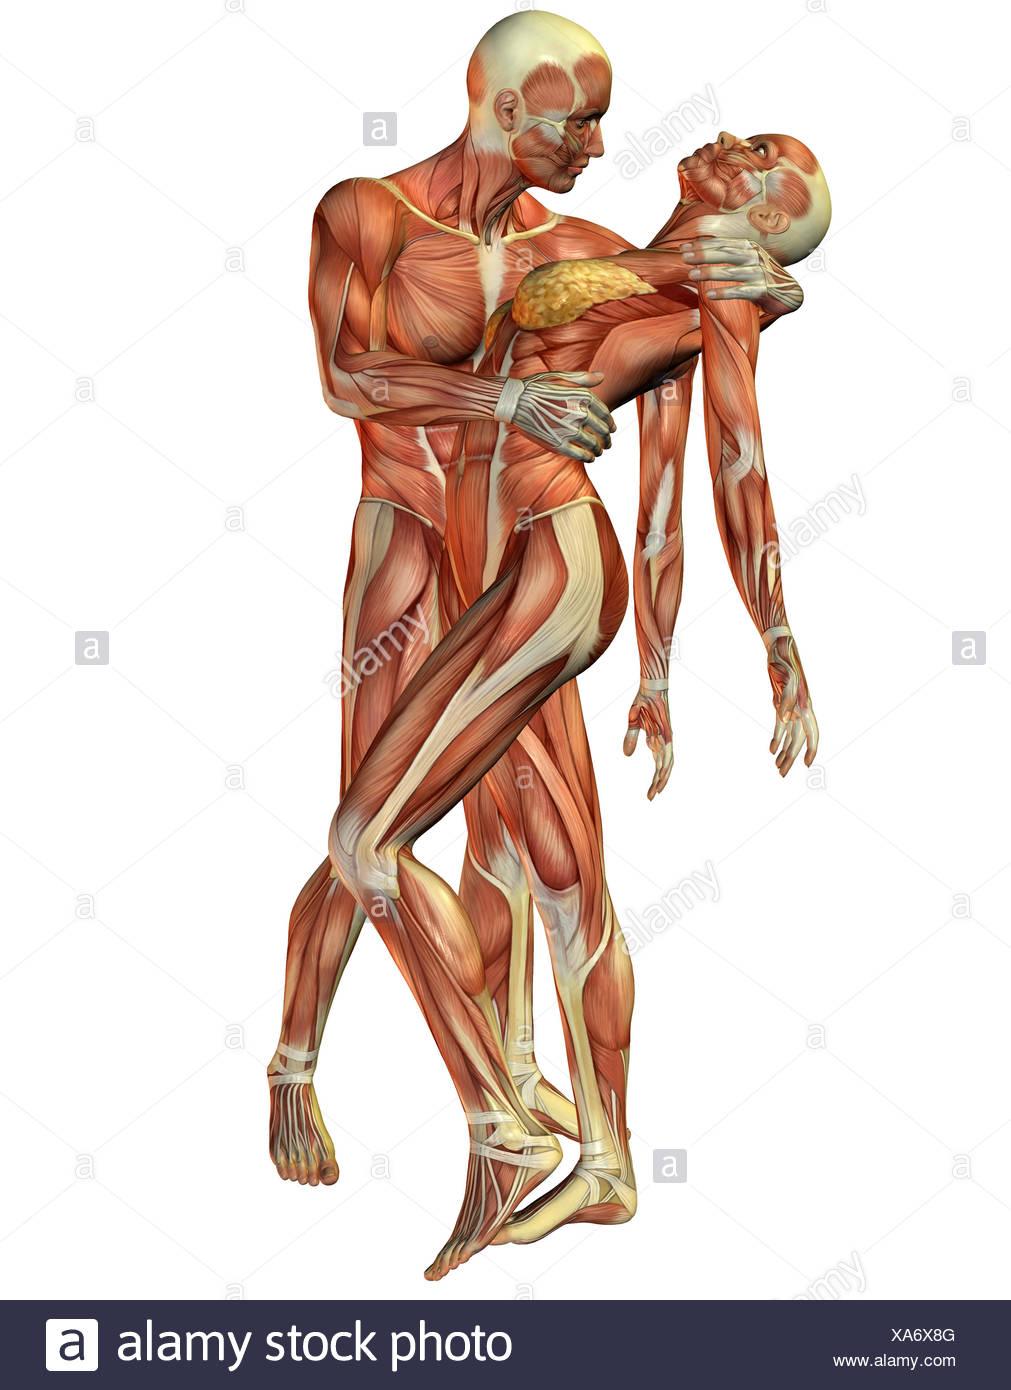 Erfreut Scm Muskel Fotos - Menschliche Anatomie Bilder ...